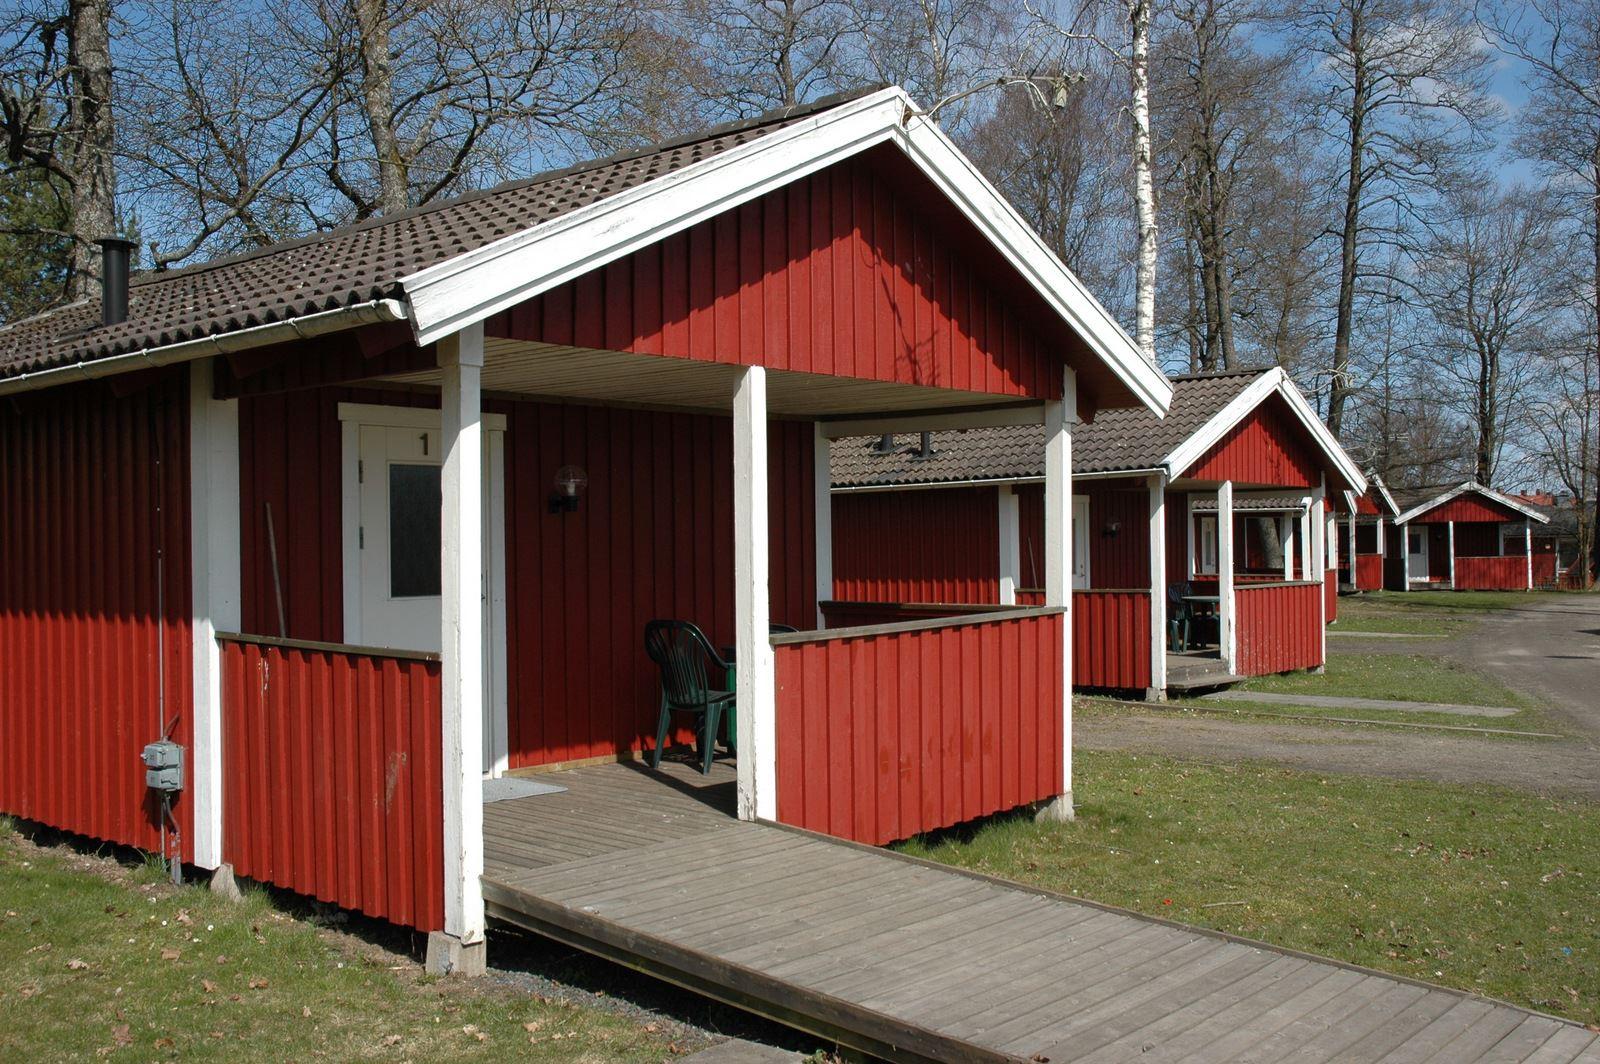 Gisleparken's holiday cottages